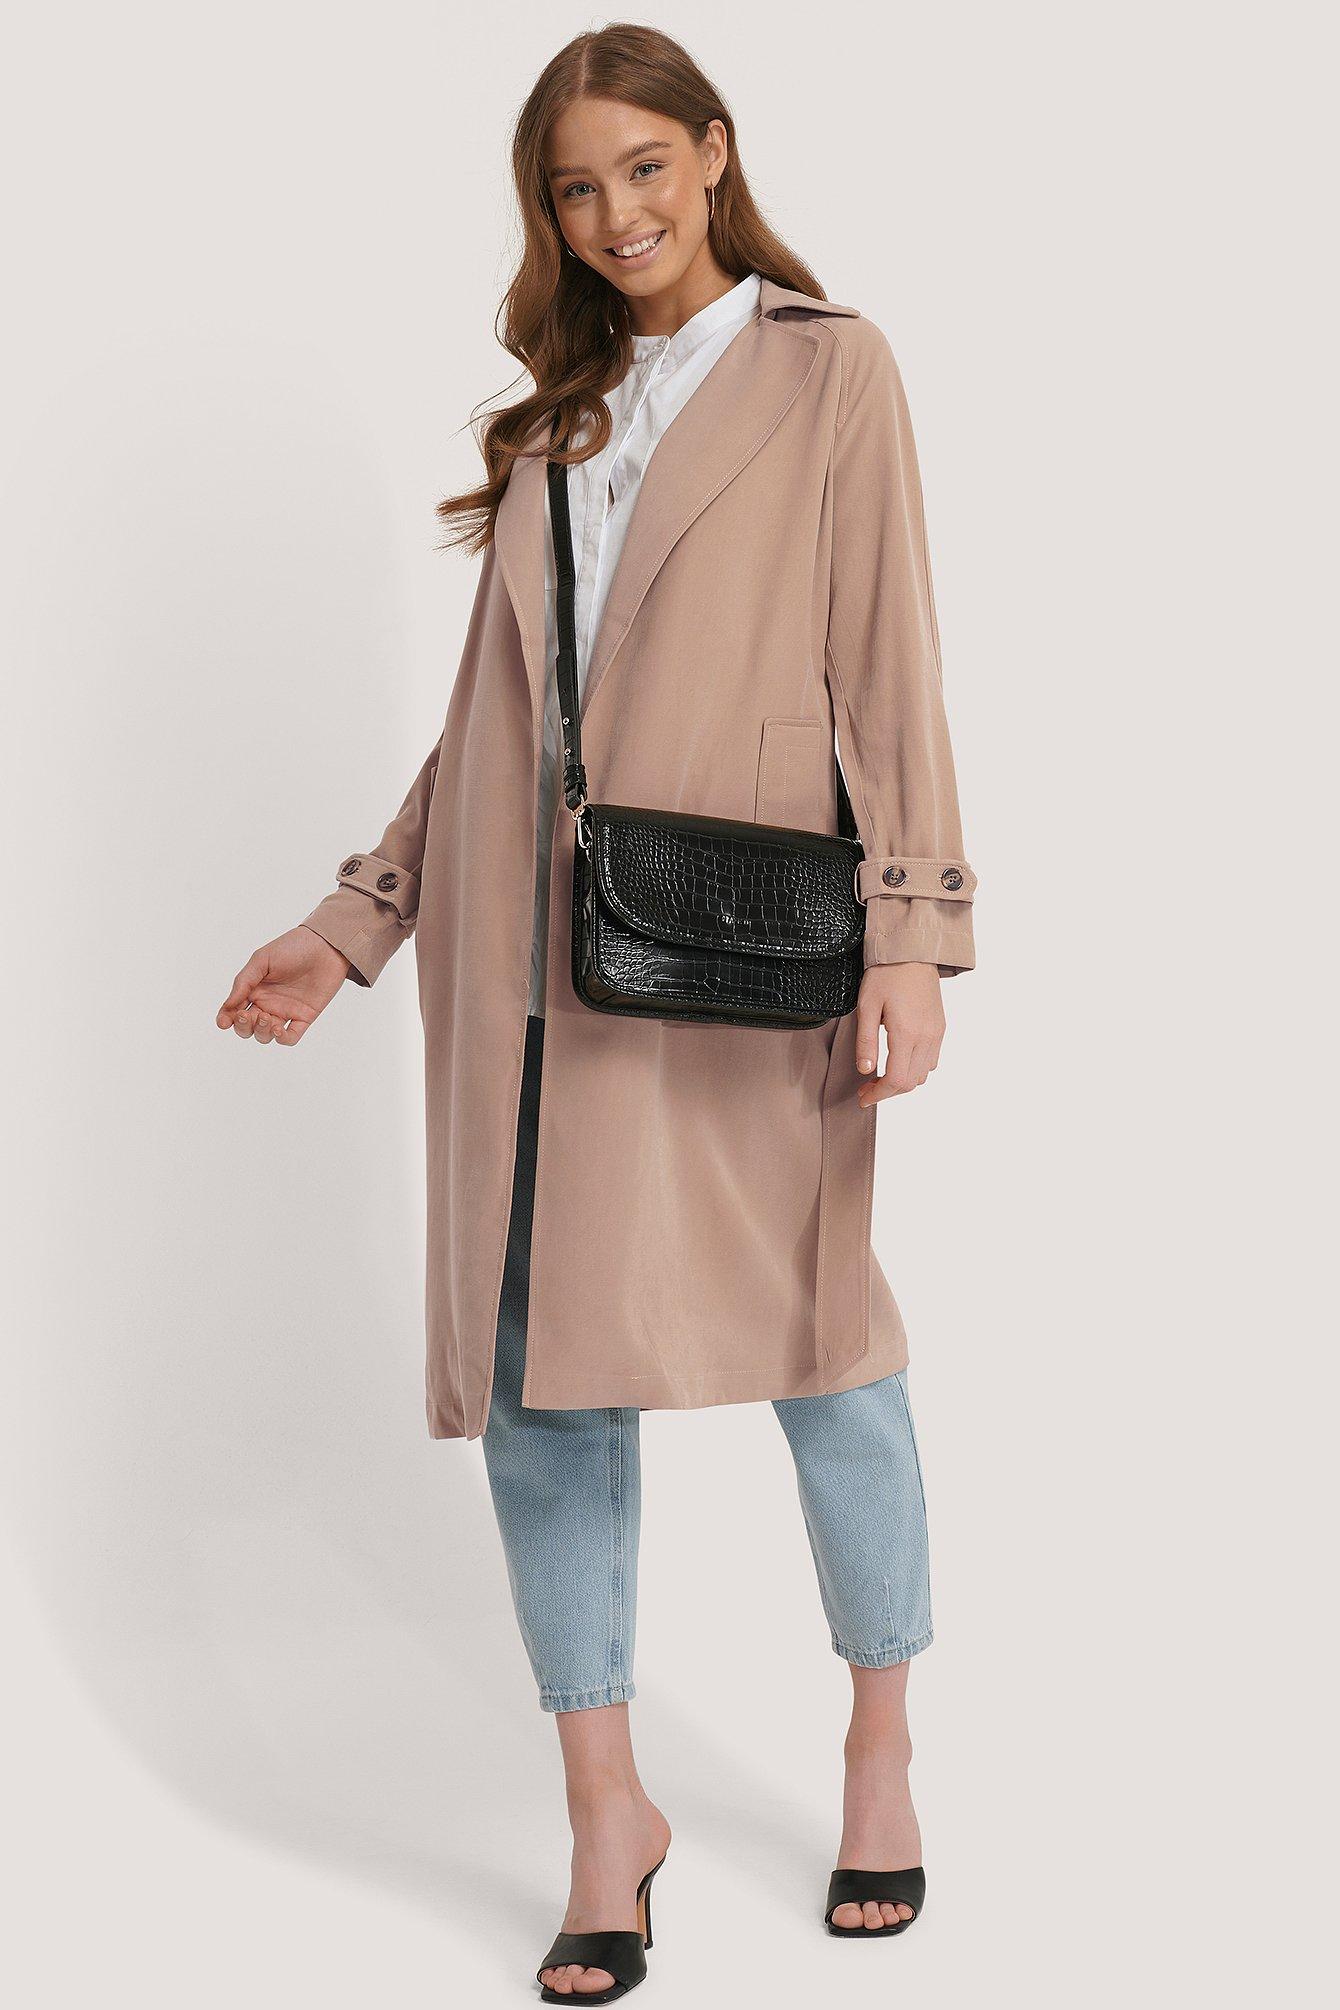 na-kd accessories -  Croc Shoulder Bag - Black